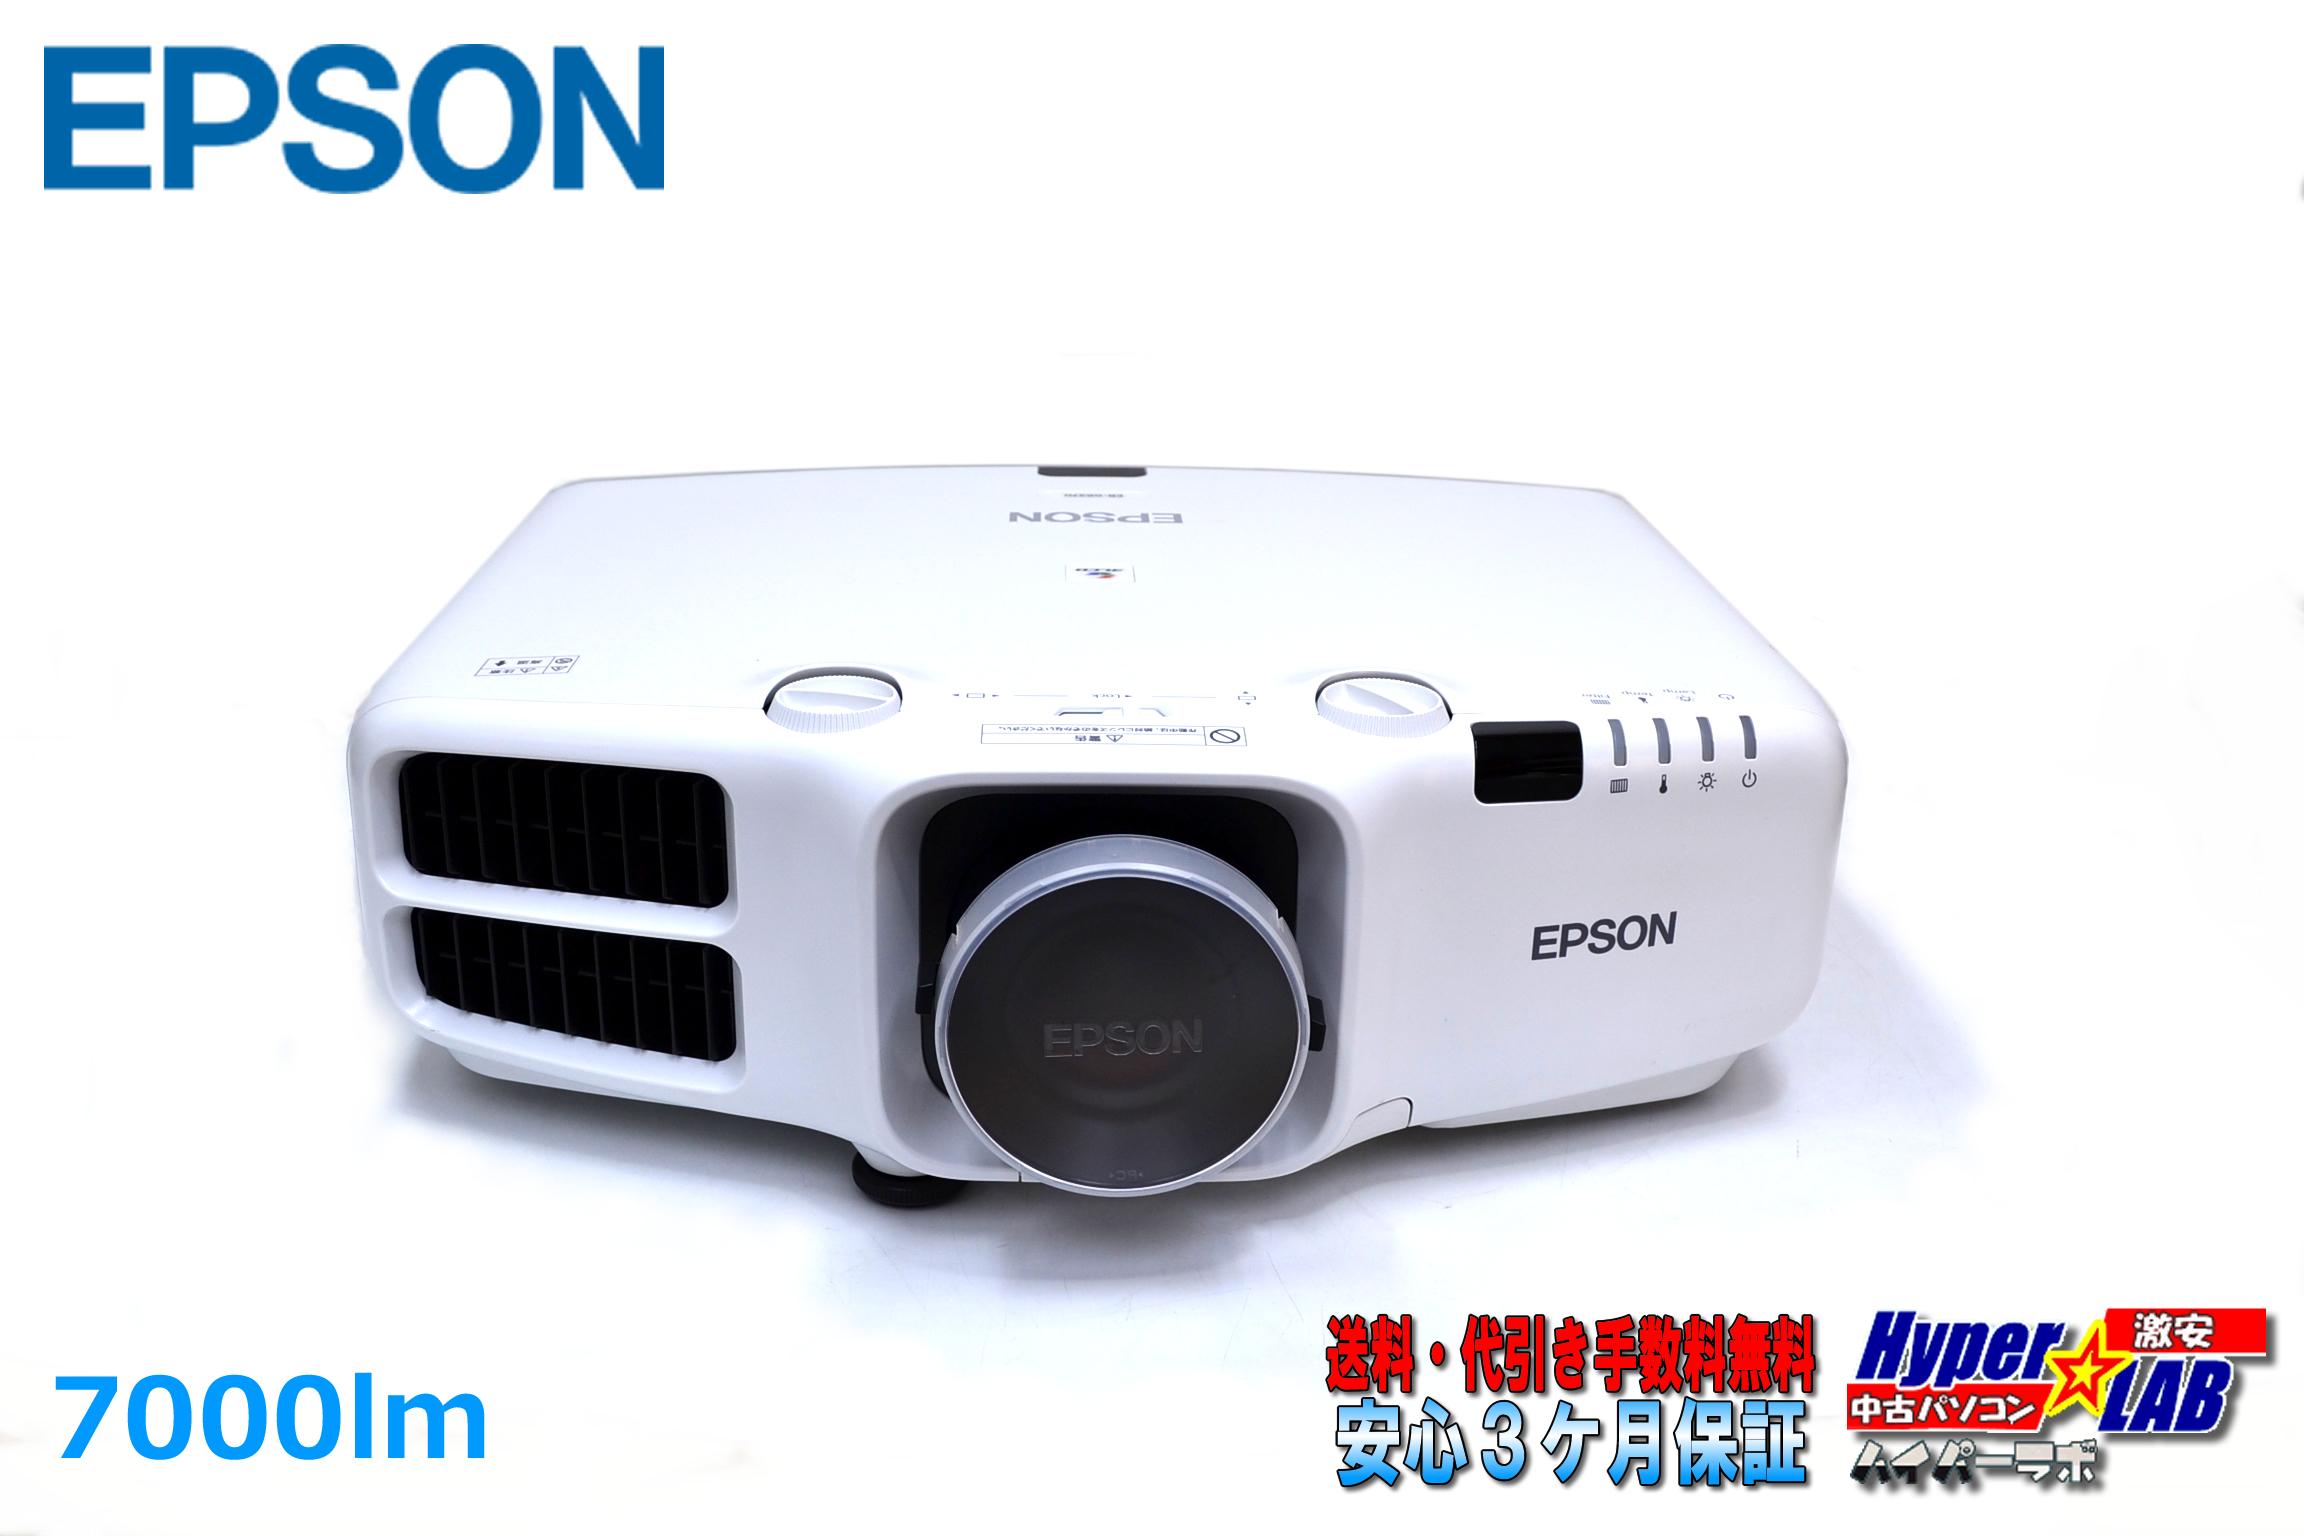 ビジネスプロジェクター EPSON EB-G6370 7000ルーメン ランプ使用59H リモコン 取説CD 専用ケース付属